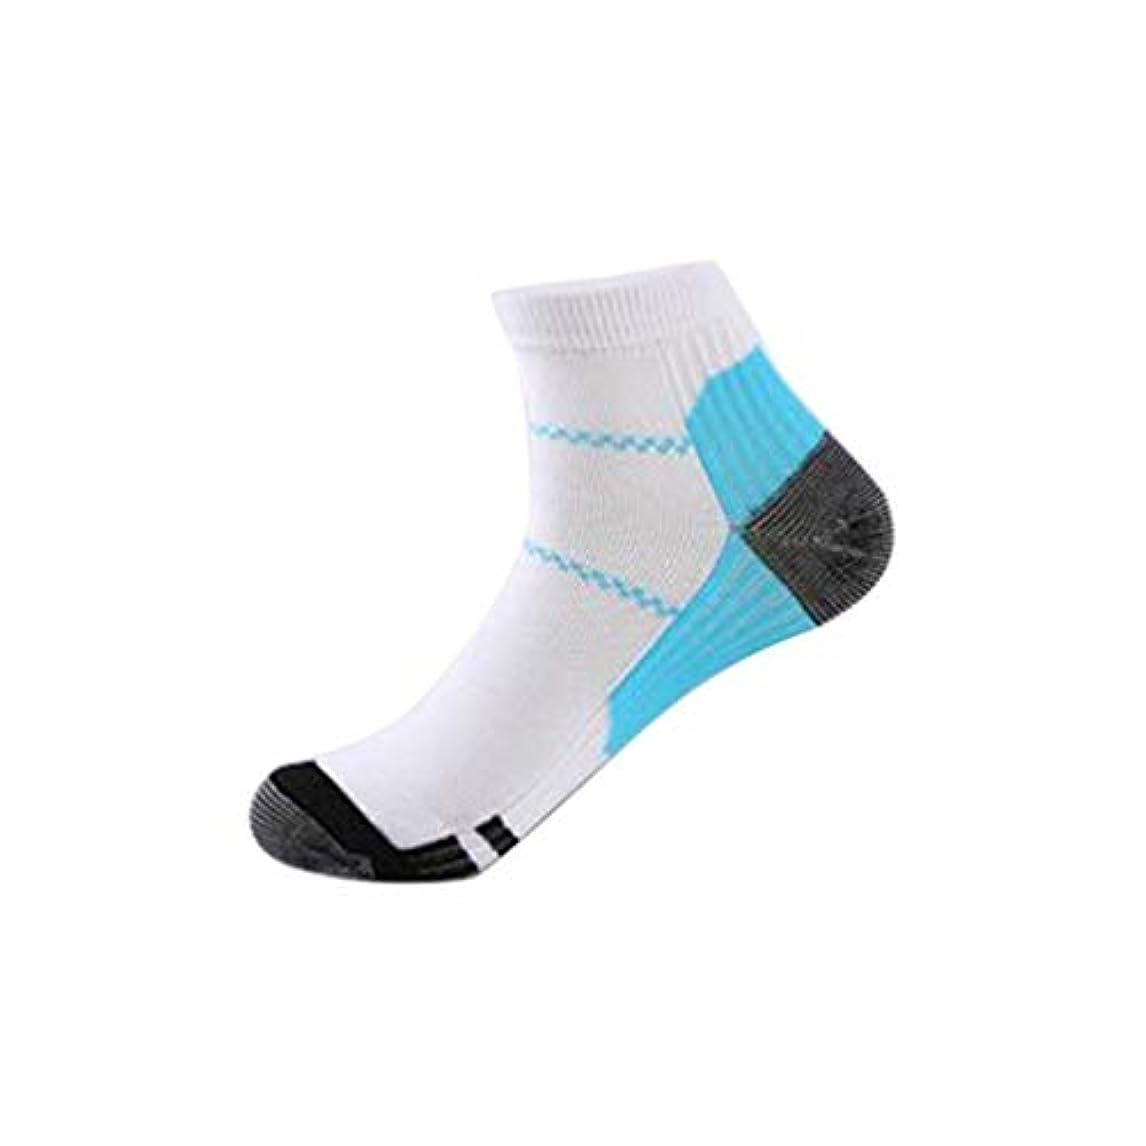 ジェット正確さ推定する快適な男性女性ファッション短いストレッチ圧縮靴下膝ソックスサポートストレッチ通気性ソックス - ホワイト&ブルーS/M